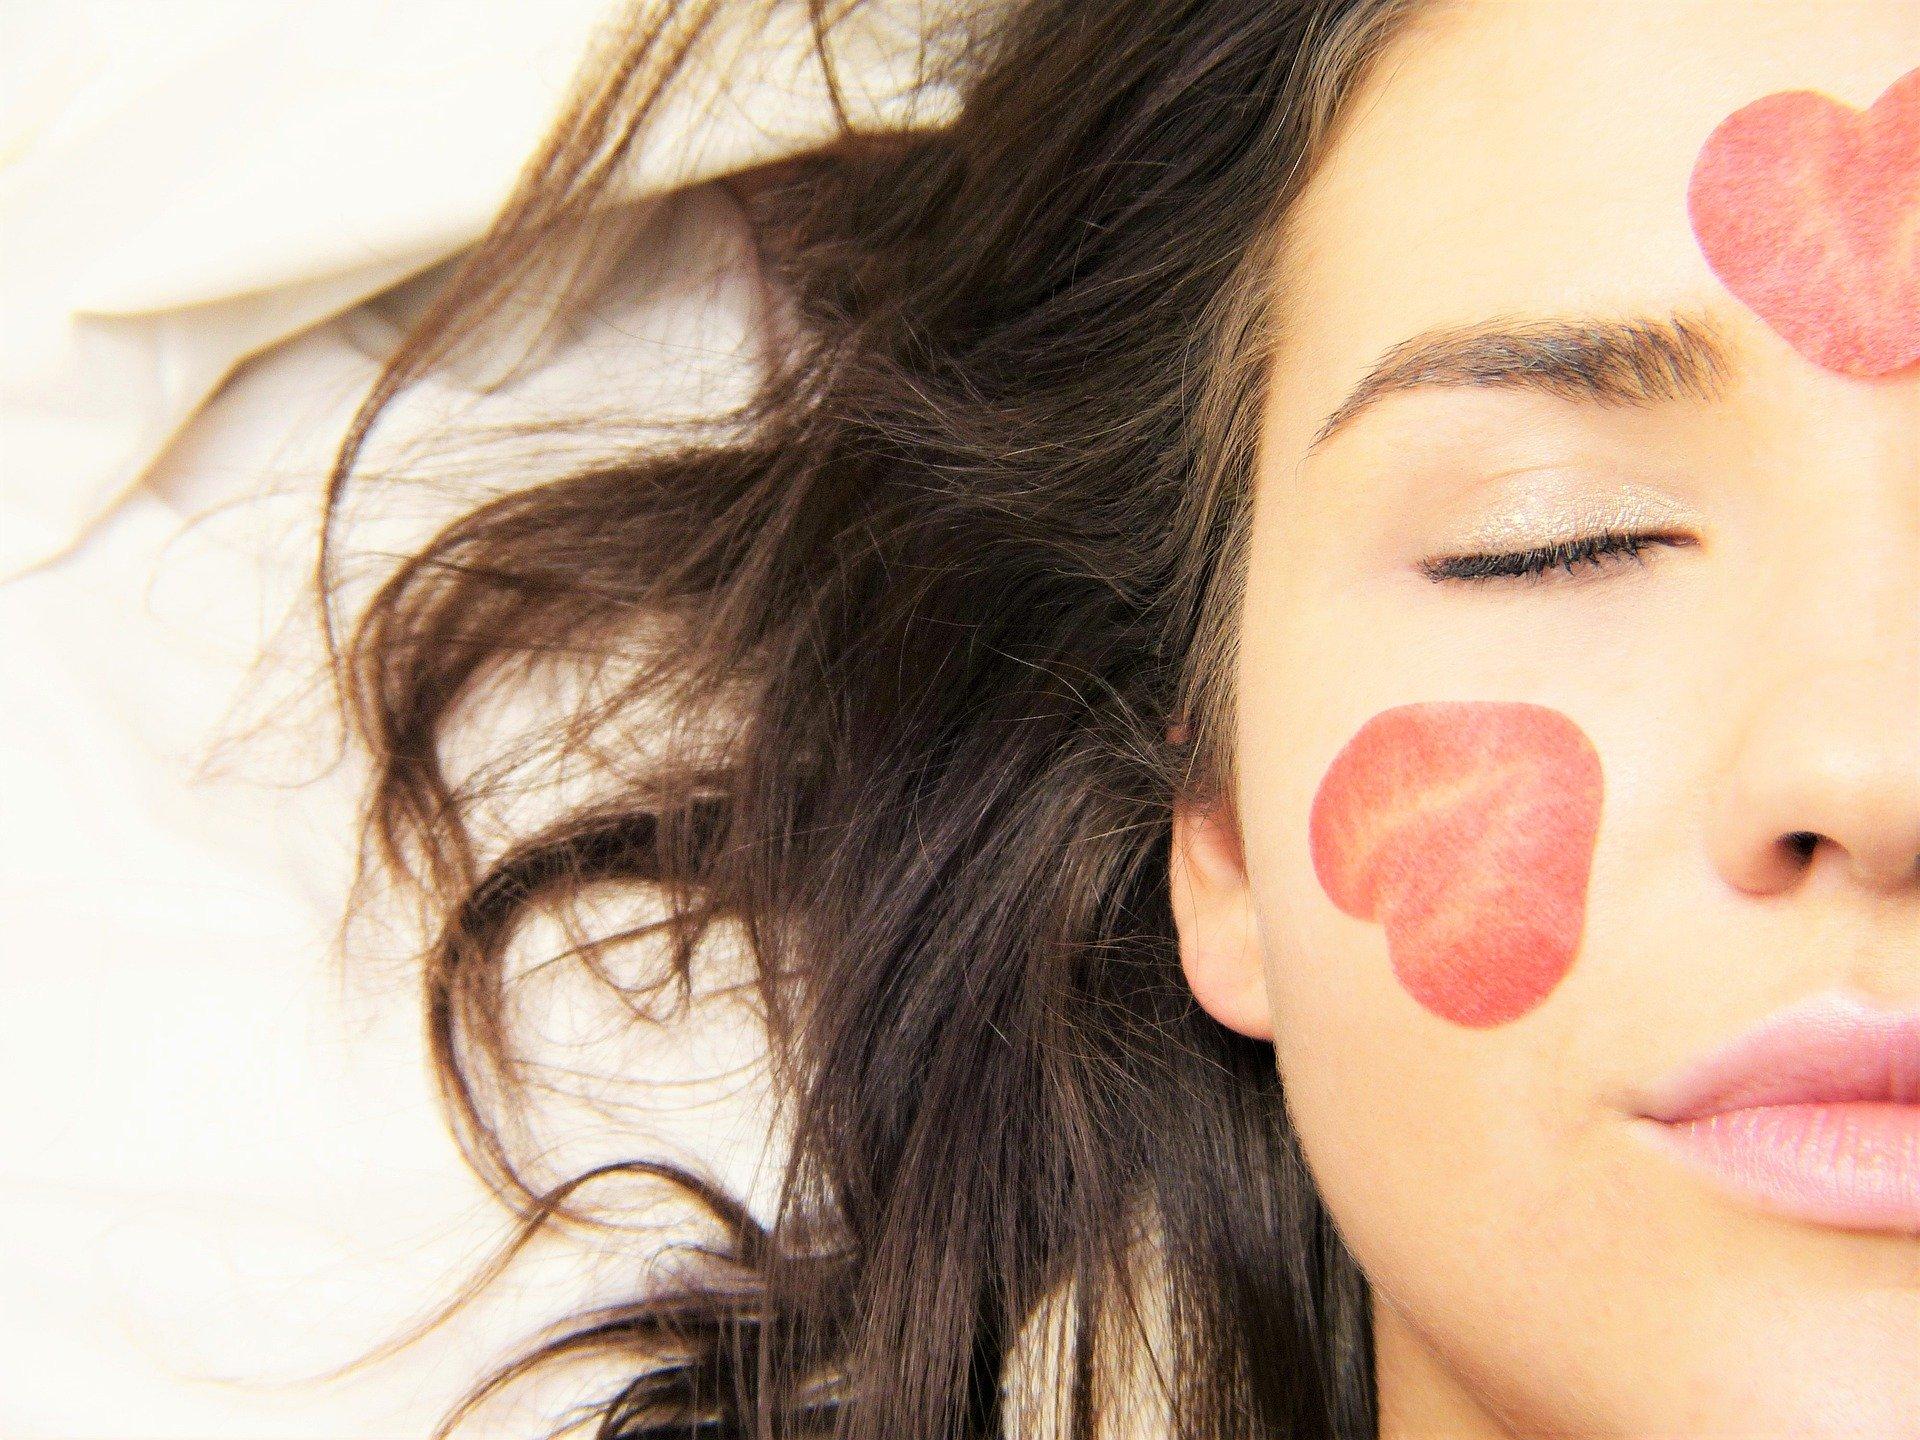 Bezkremowe noce - czy to prawidłowa pielęgnacja twarzy